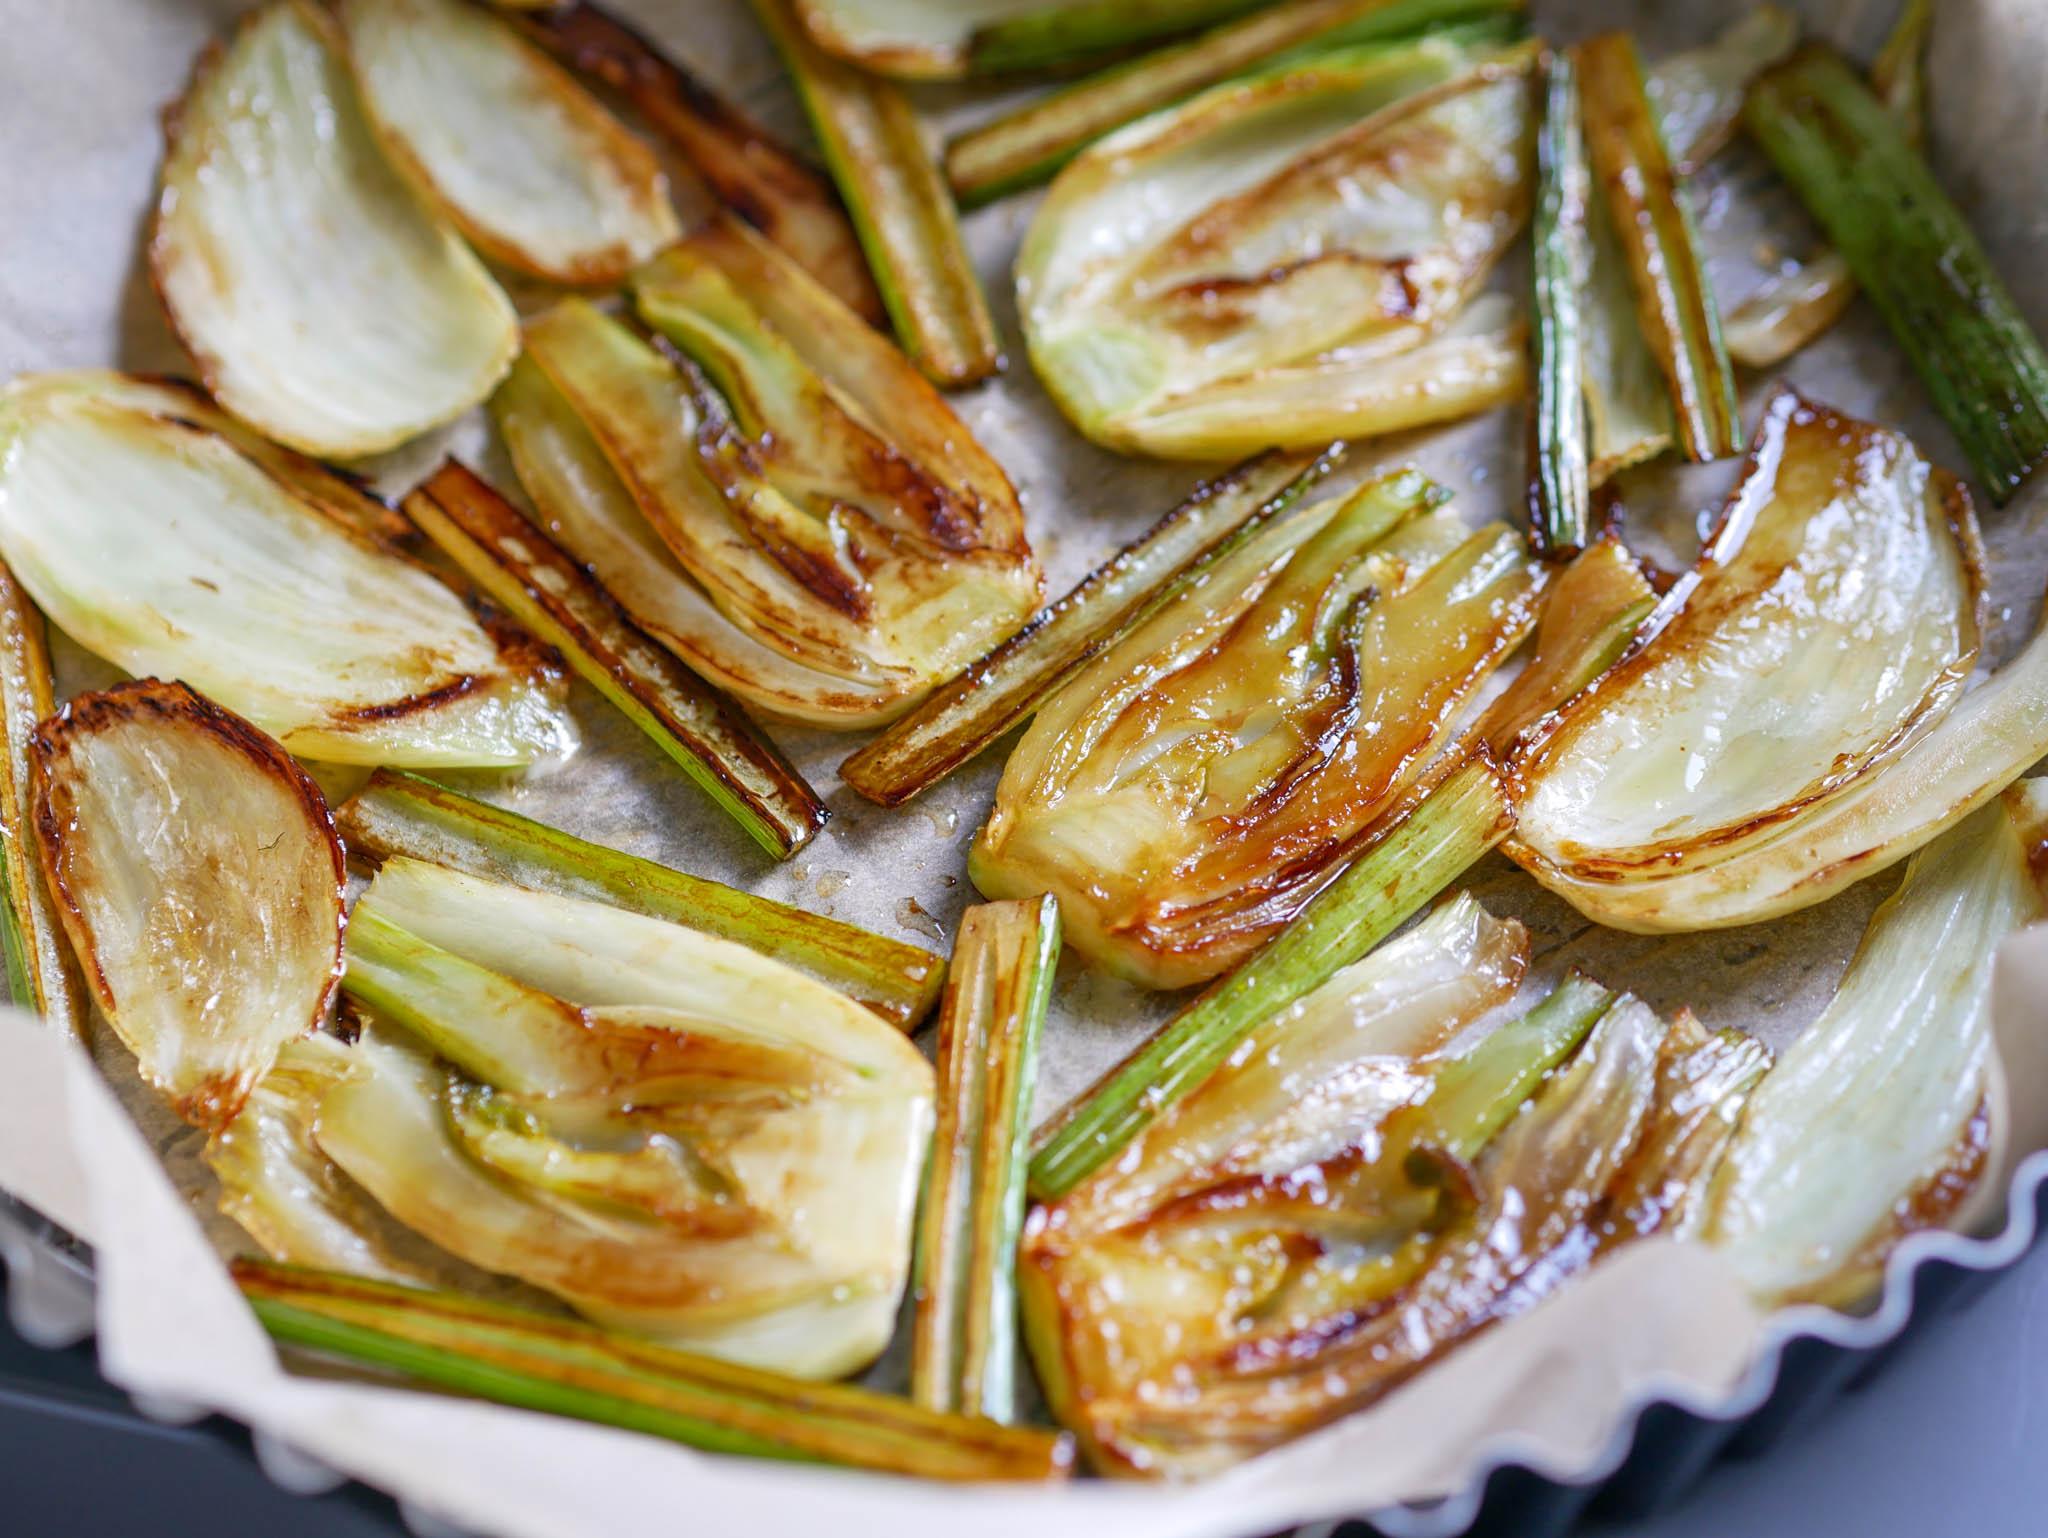 Disposez les bulbes de fenouil dorés dans le plat à tarte, si vous en avez un en verre, inutile de mettre du papier sulfurisé